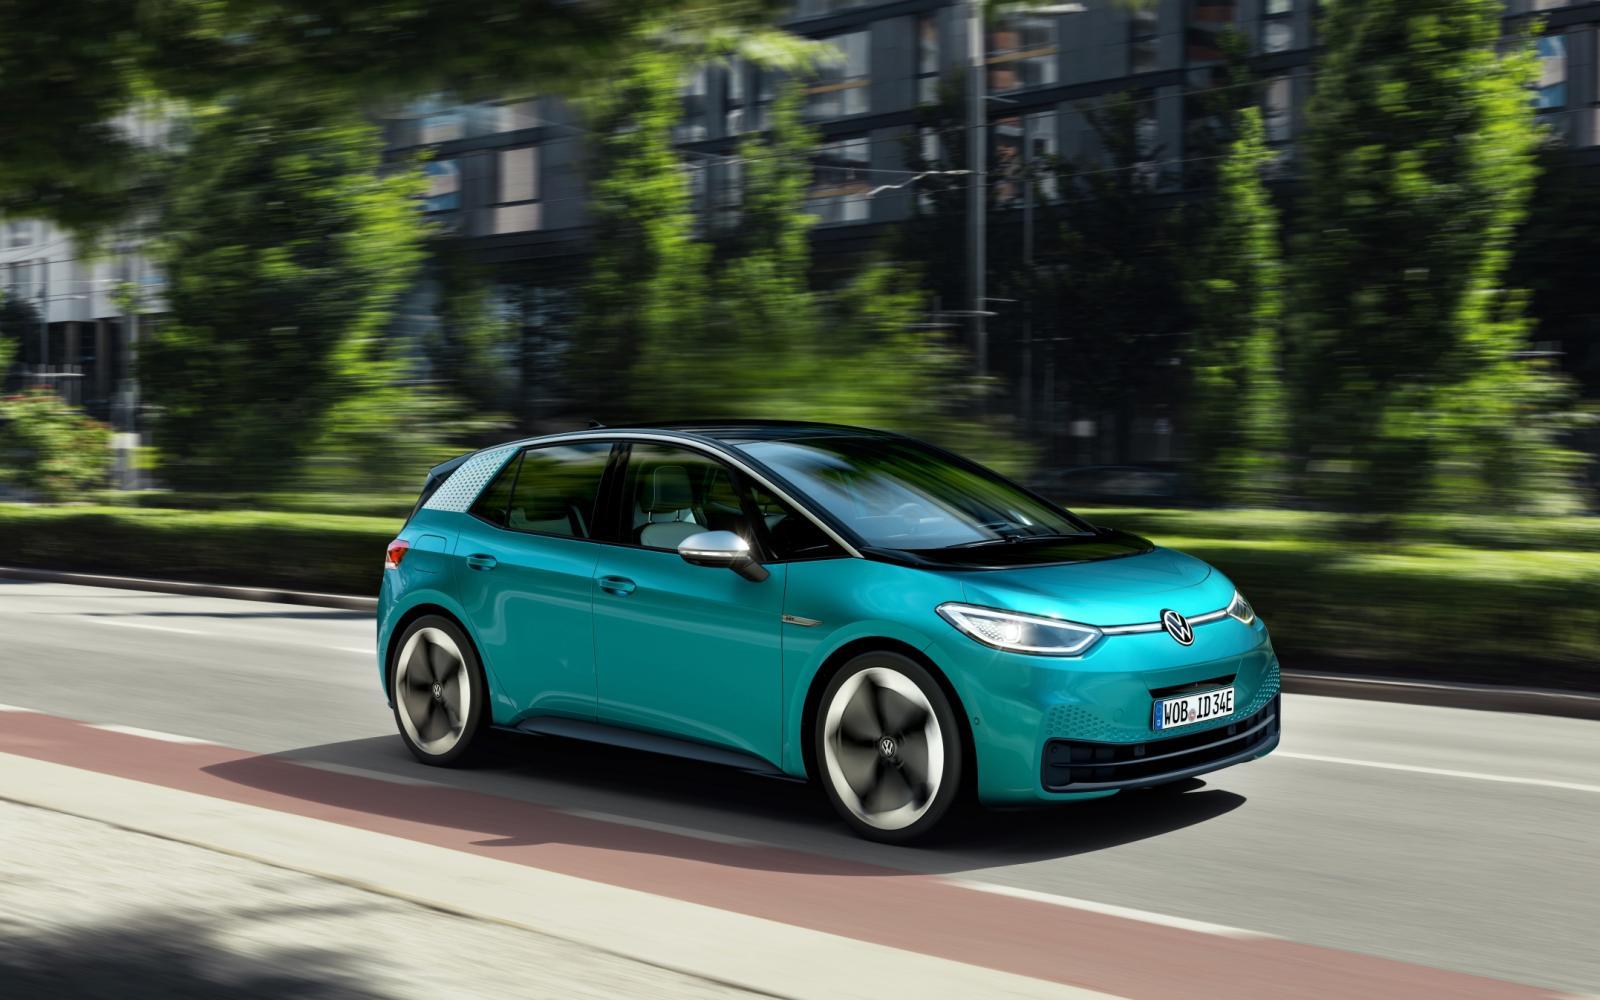 """Nederlandse prijs Volkswagen ID.3 (58 kWh): """"Minder dan 36.000 euro"""""""